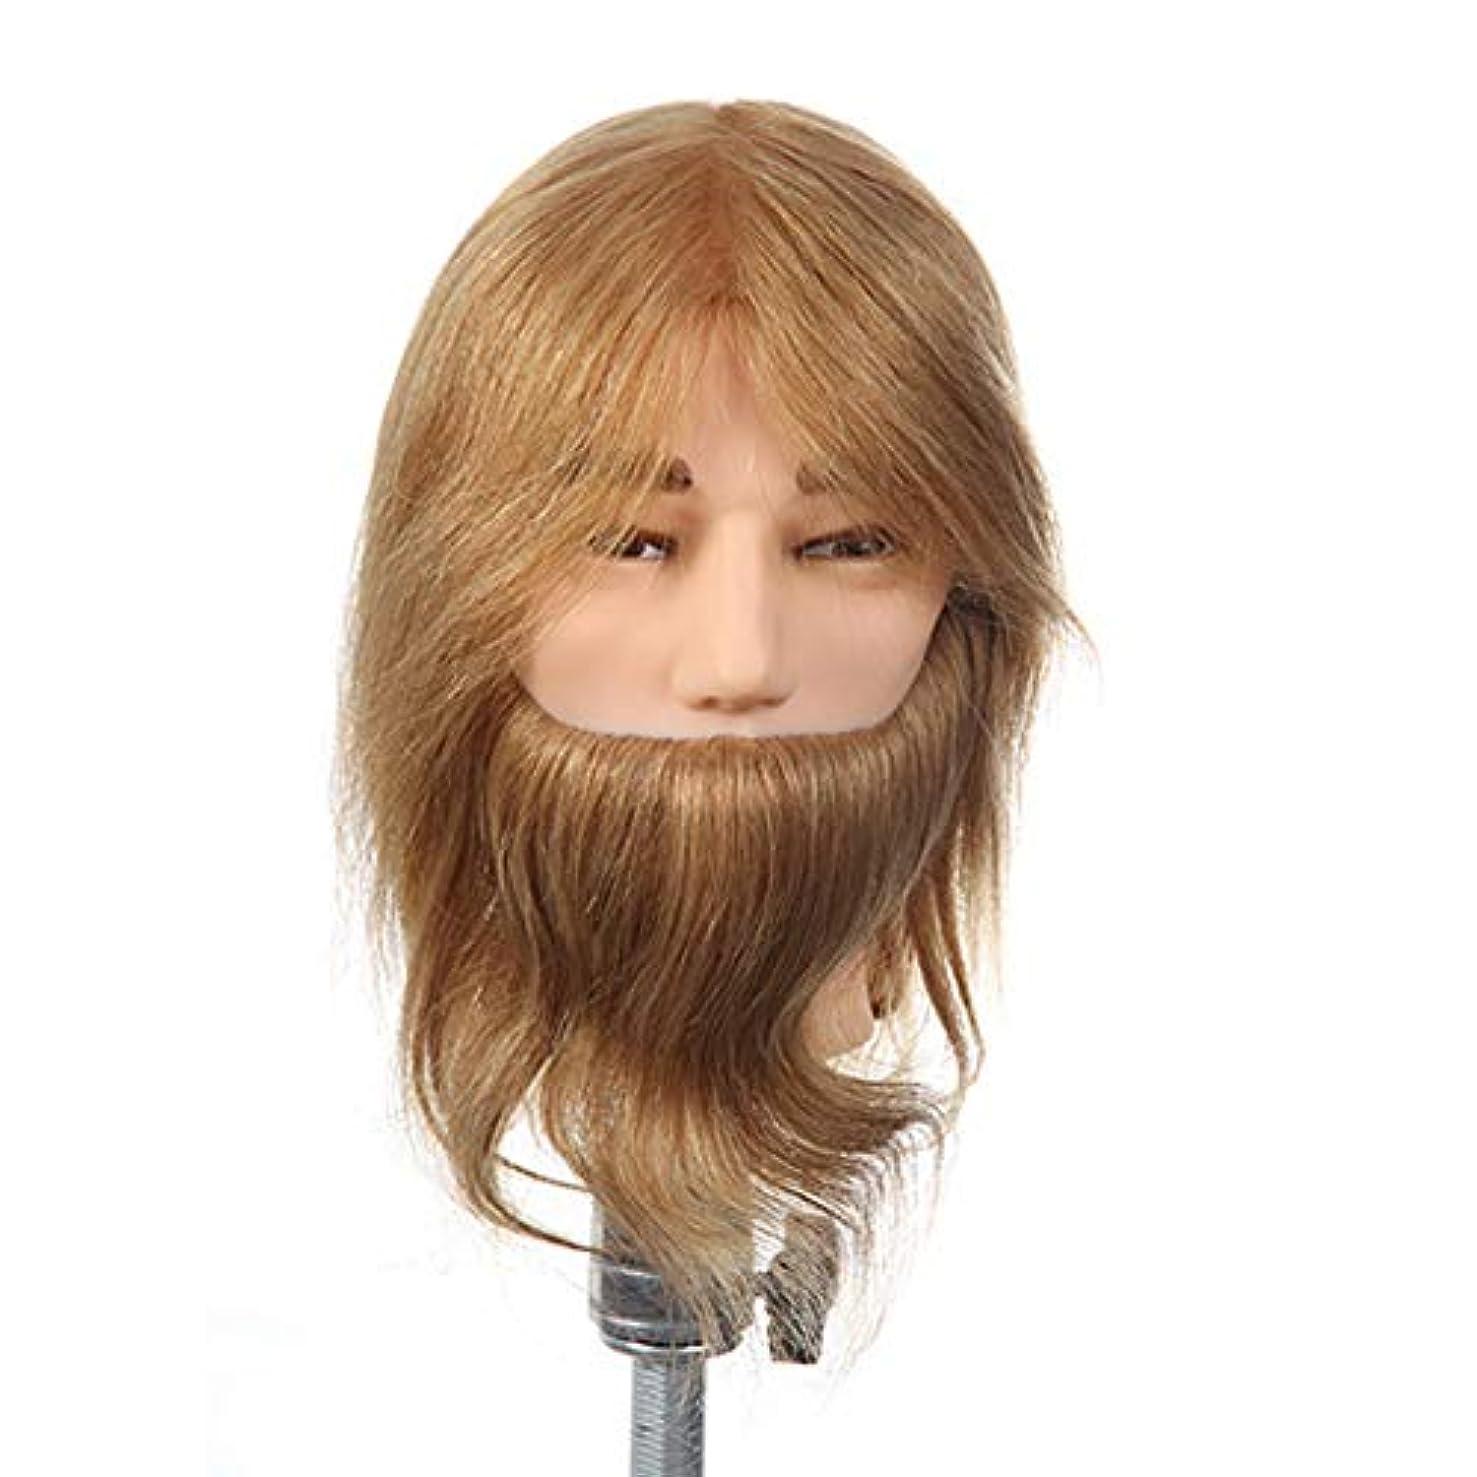 プライバシー前提監査サロン学習パーマ髪染めマネキン男スタイリングかつらティーチングヘッドリアル人間の髪ダミーヘッド付きひげロングヘアゴールド